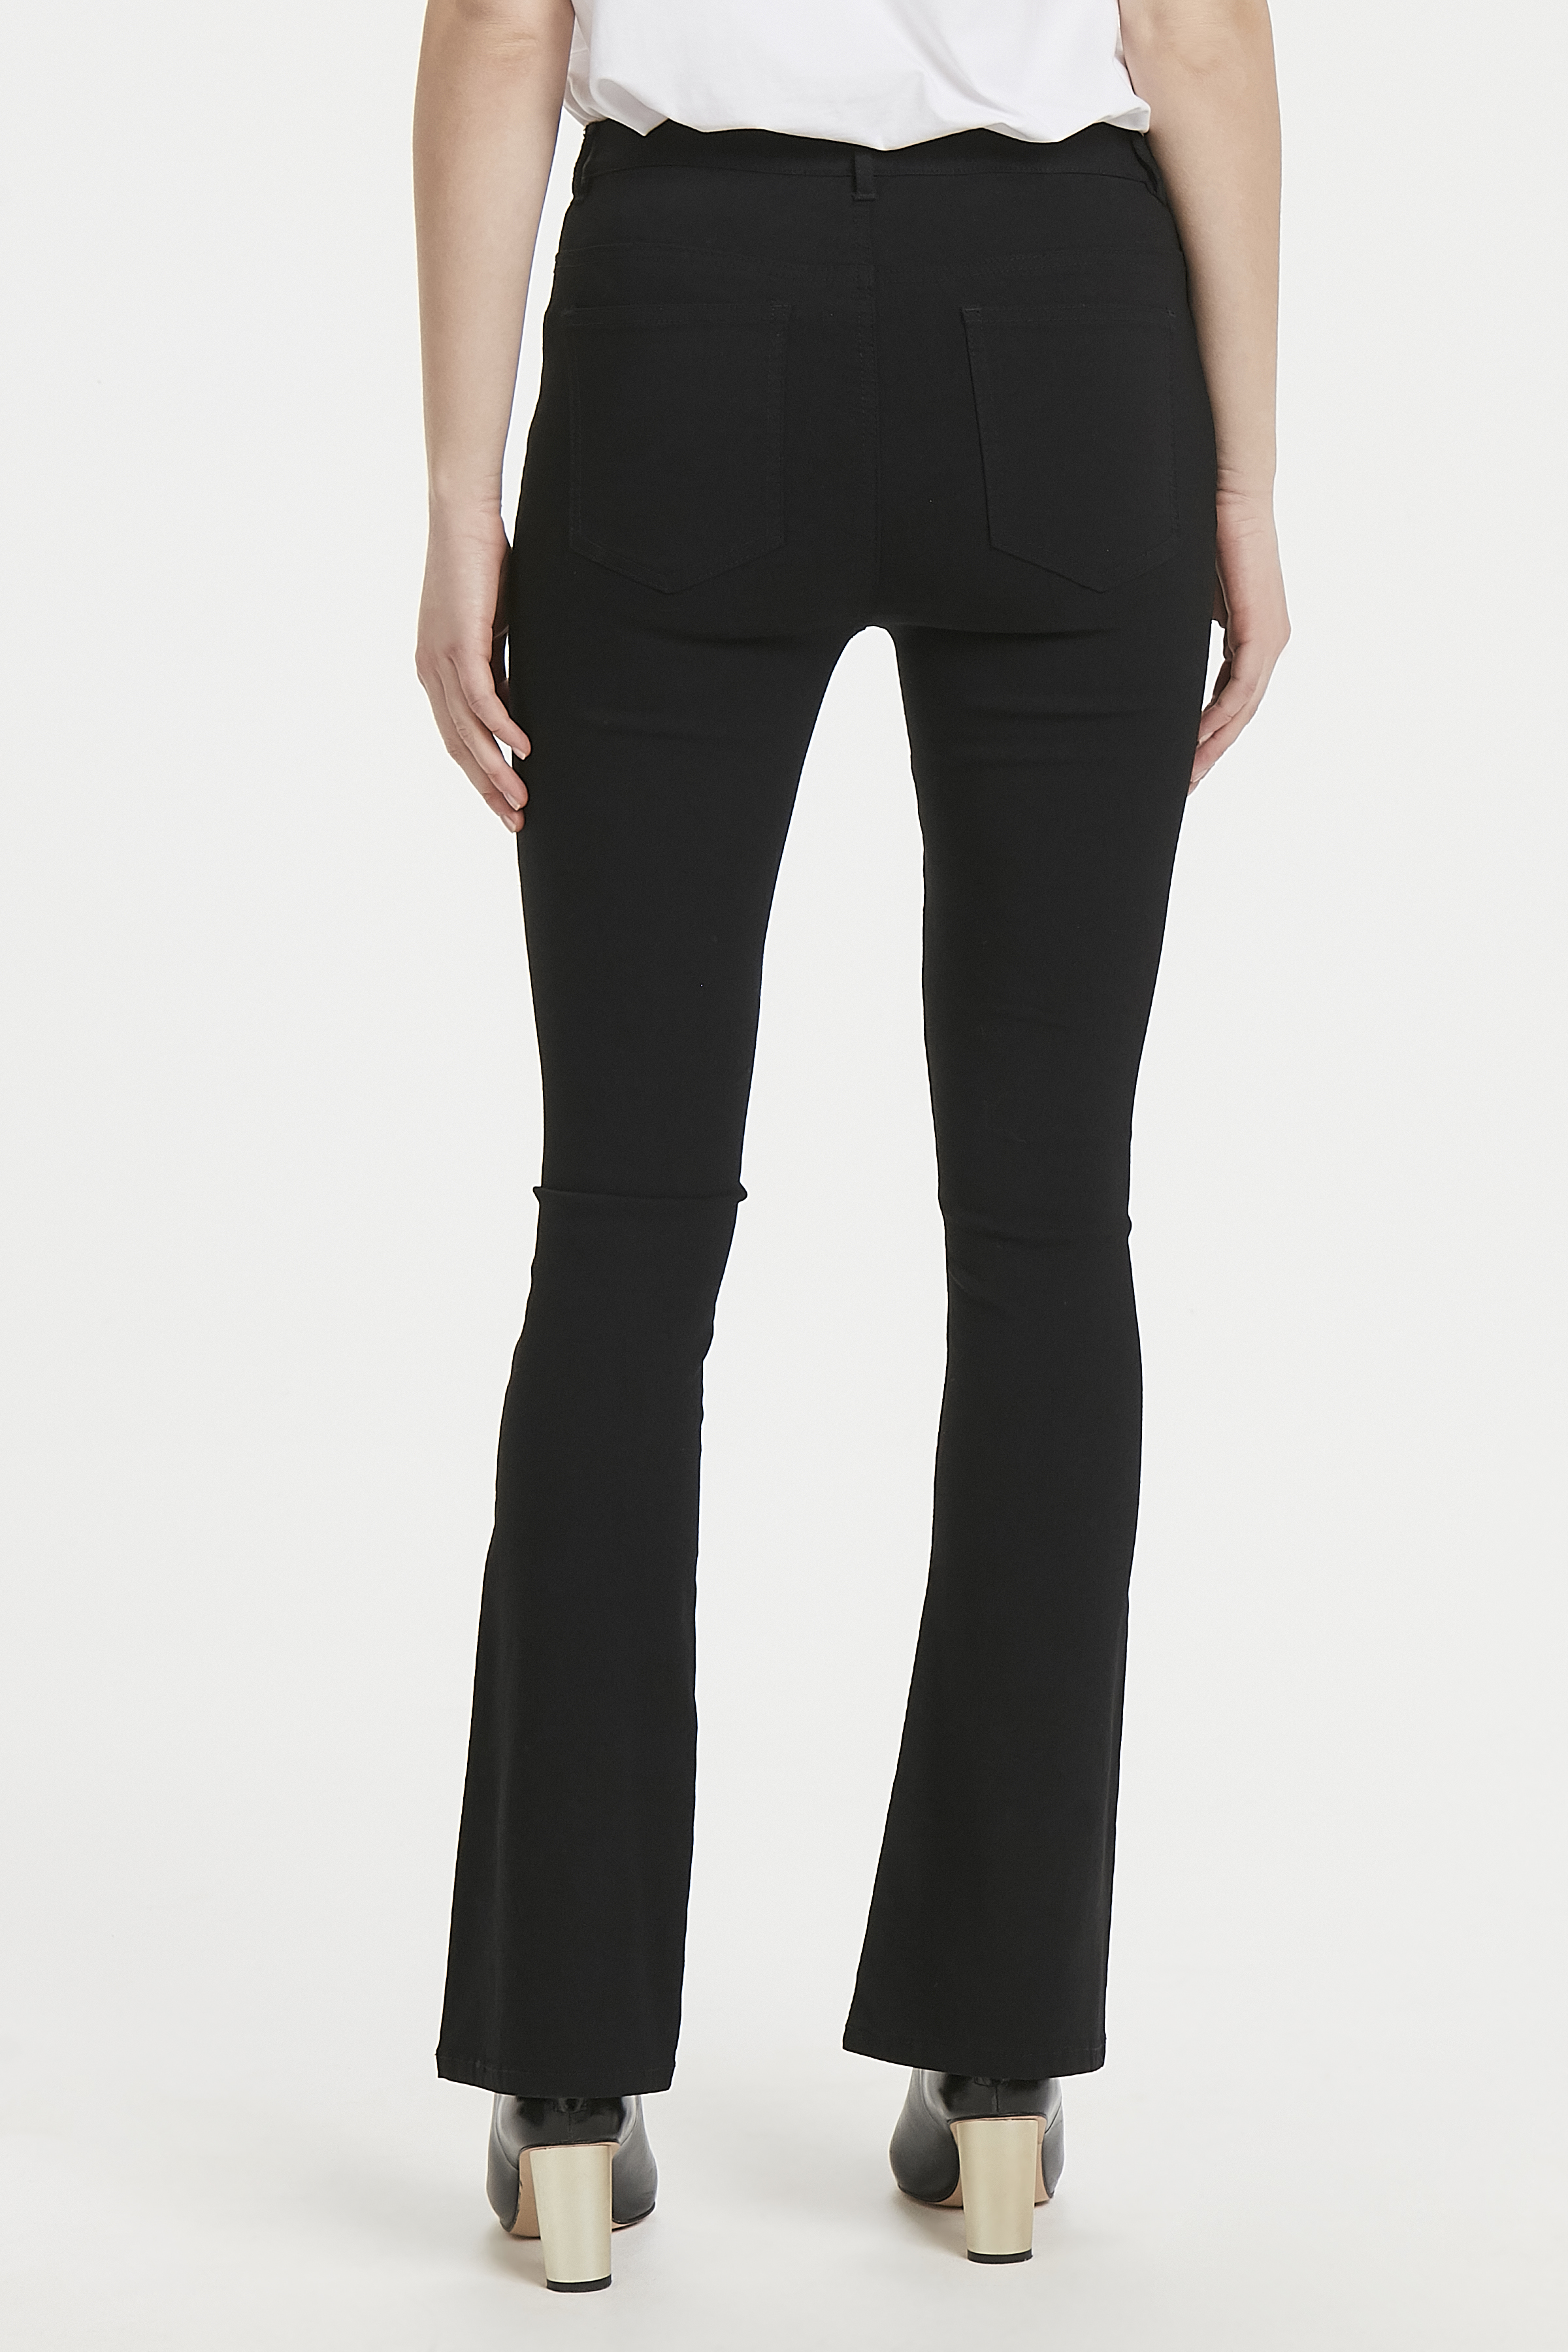 Black Pants Casual fra b.young – Køb Black Pants Casual fra str. 34-42 her